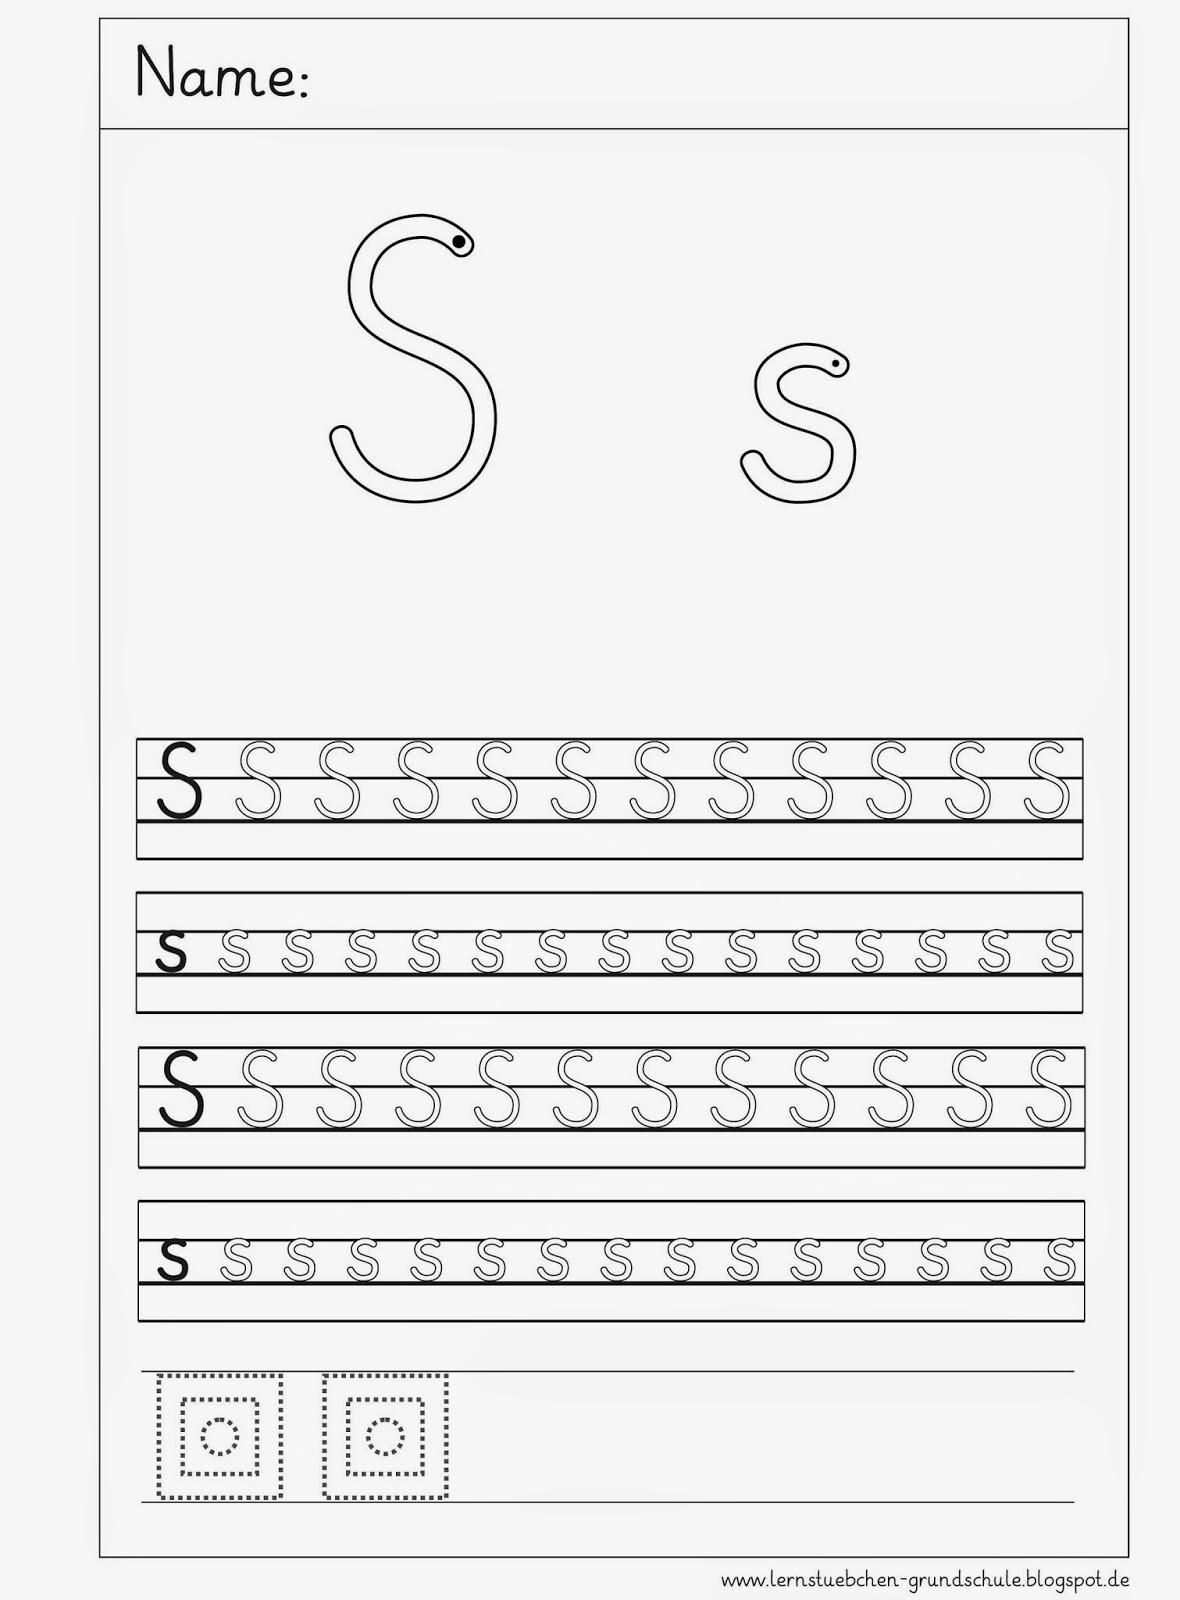 Arbeitsblätter Buchstabe S : Lernstübchen schreibblätter zum s